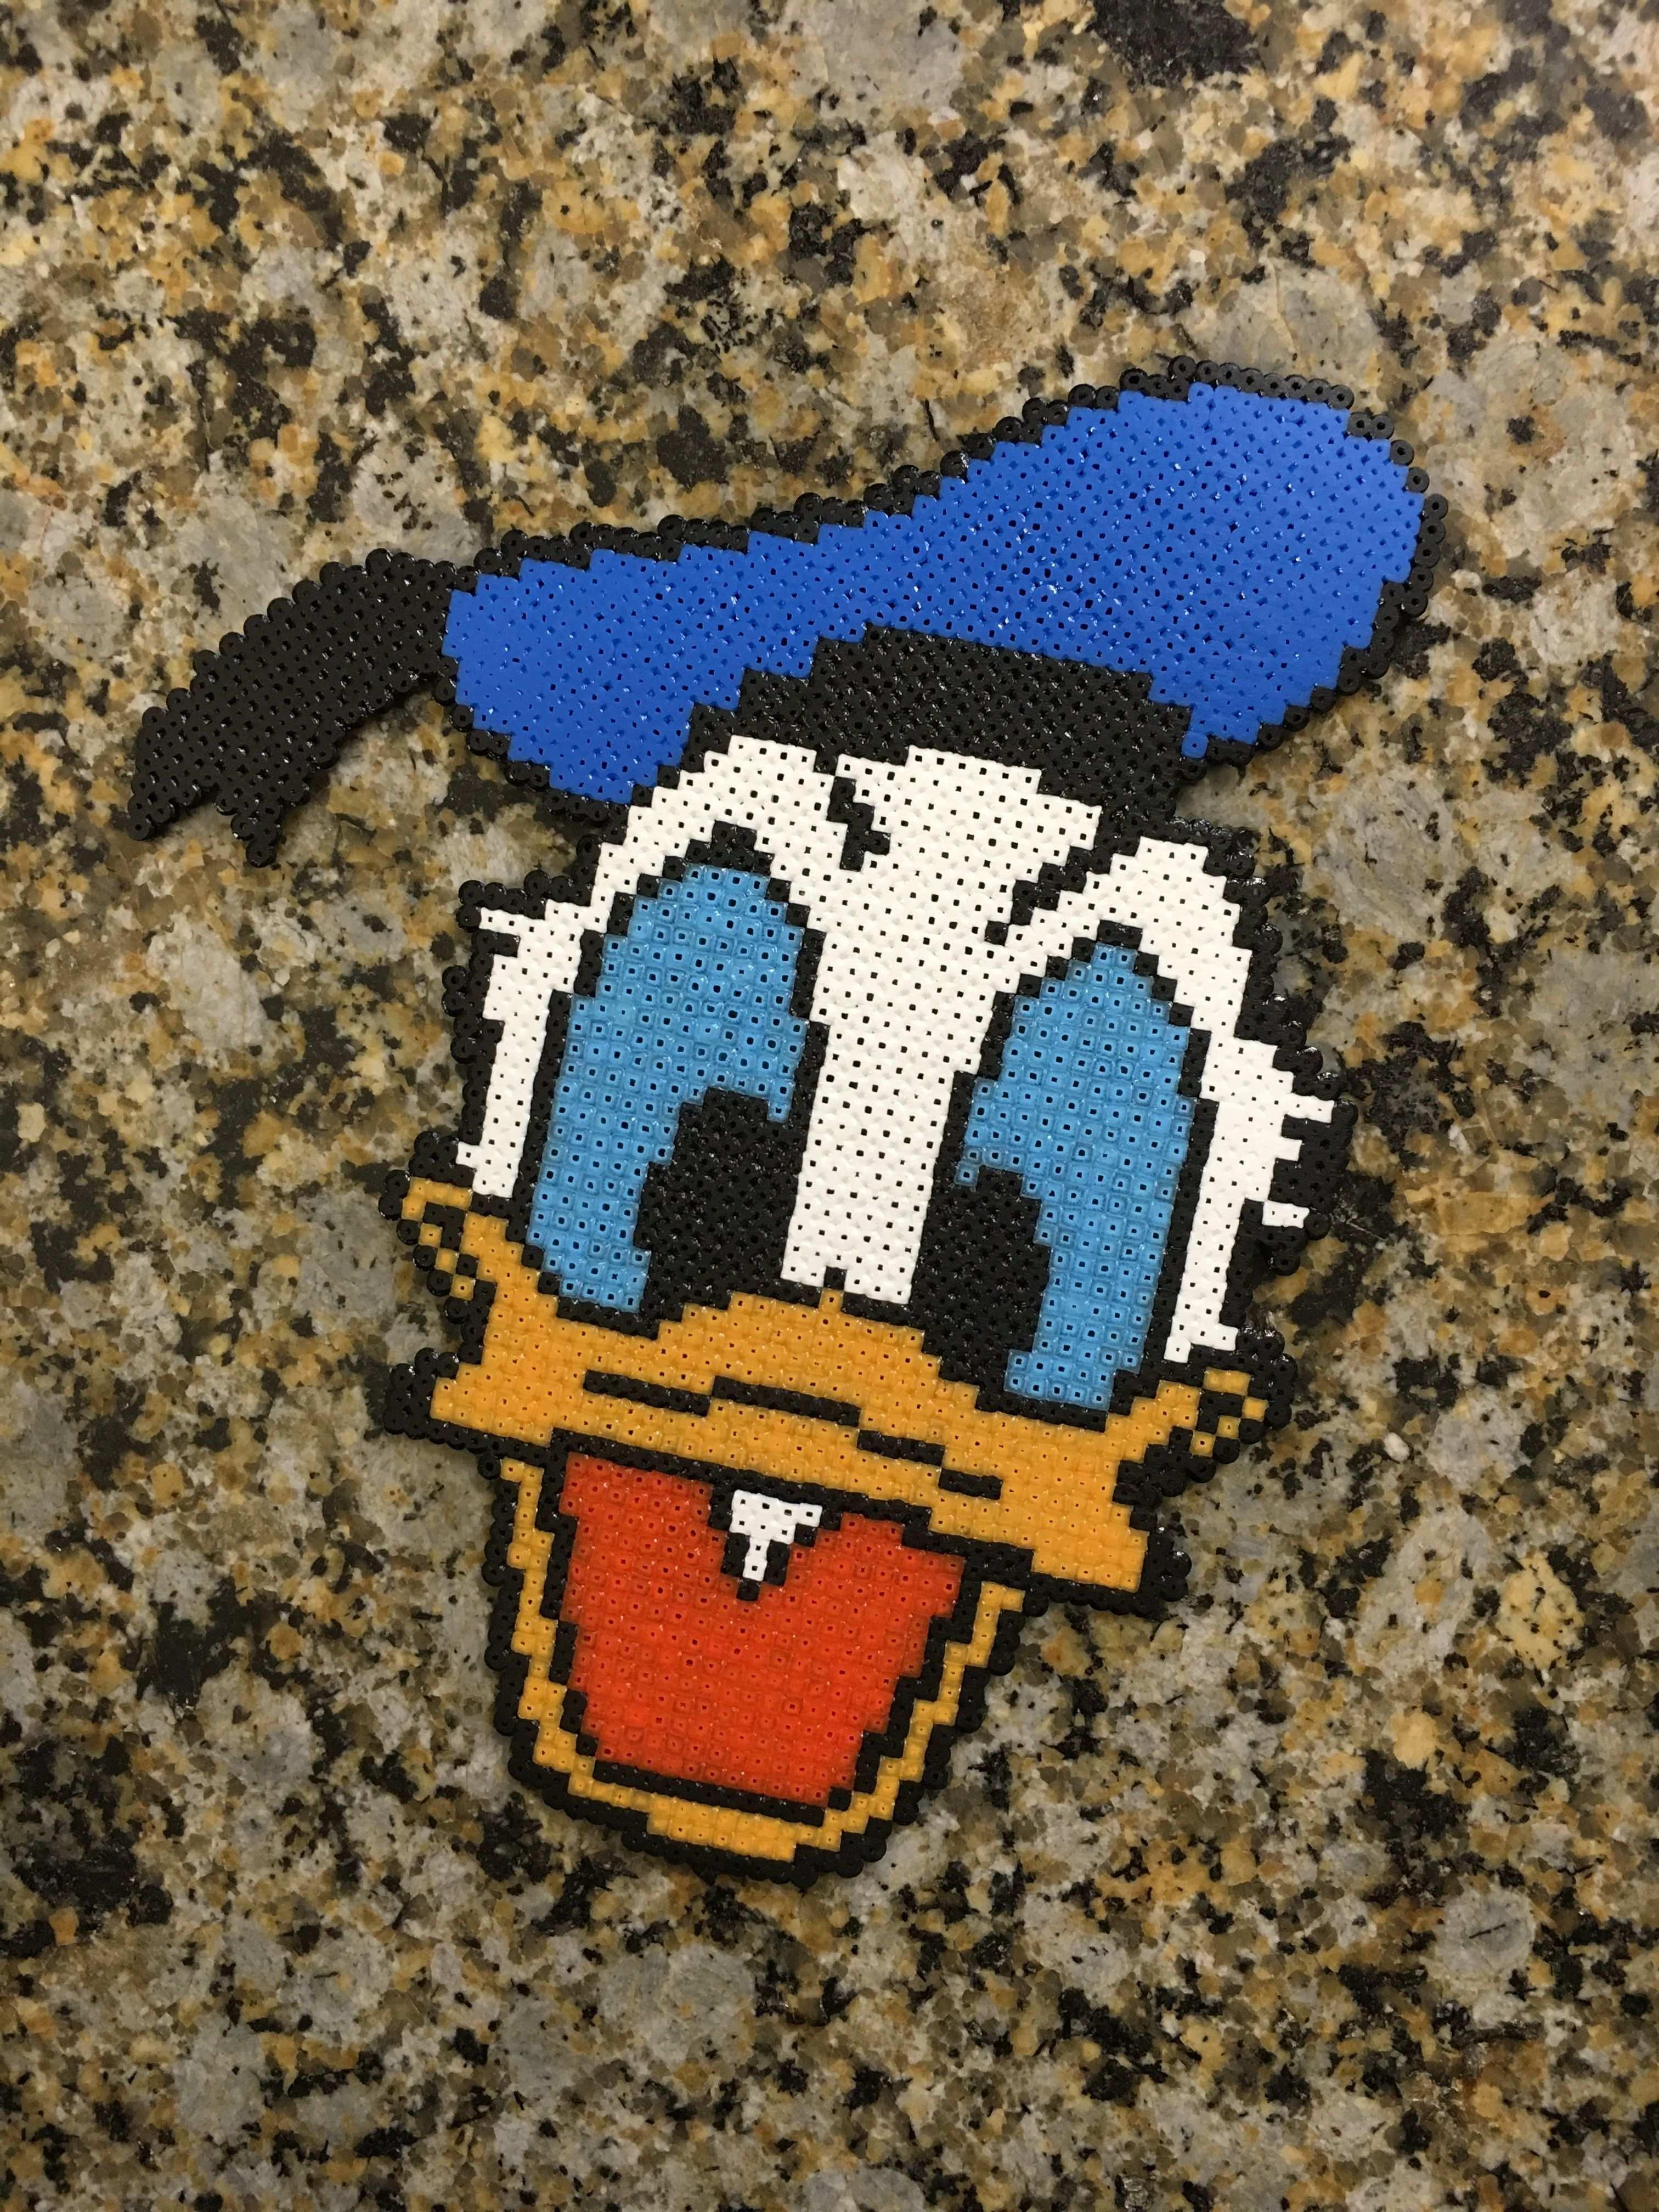 Donald Duck Bugelperlen Perler Beads Hama By Dassommersprossenmaedchen Bugelperlen Basteln Bugelperlen Hama Perlen Muster